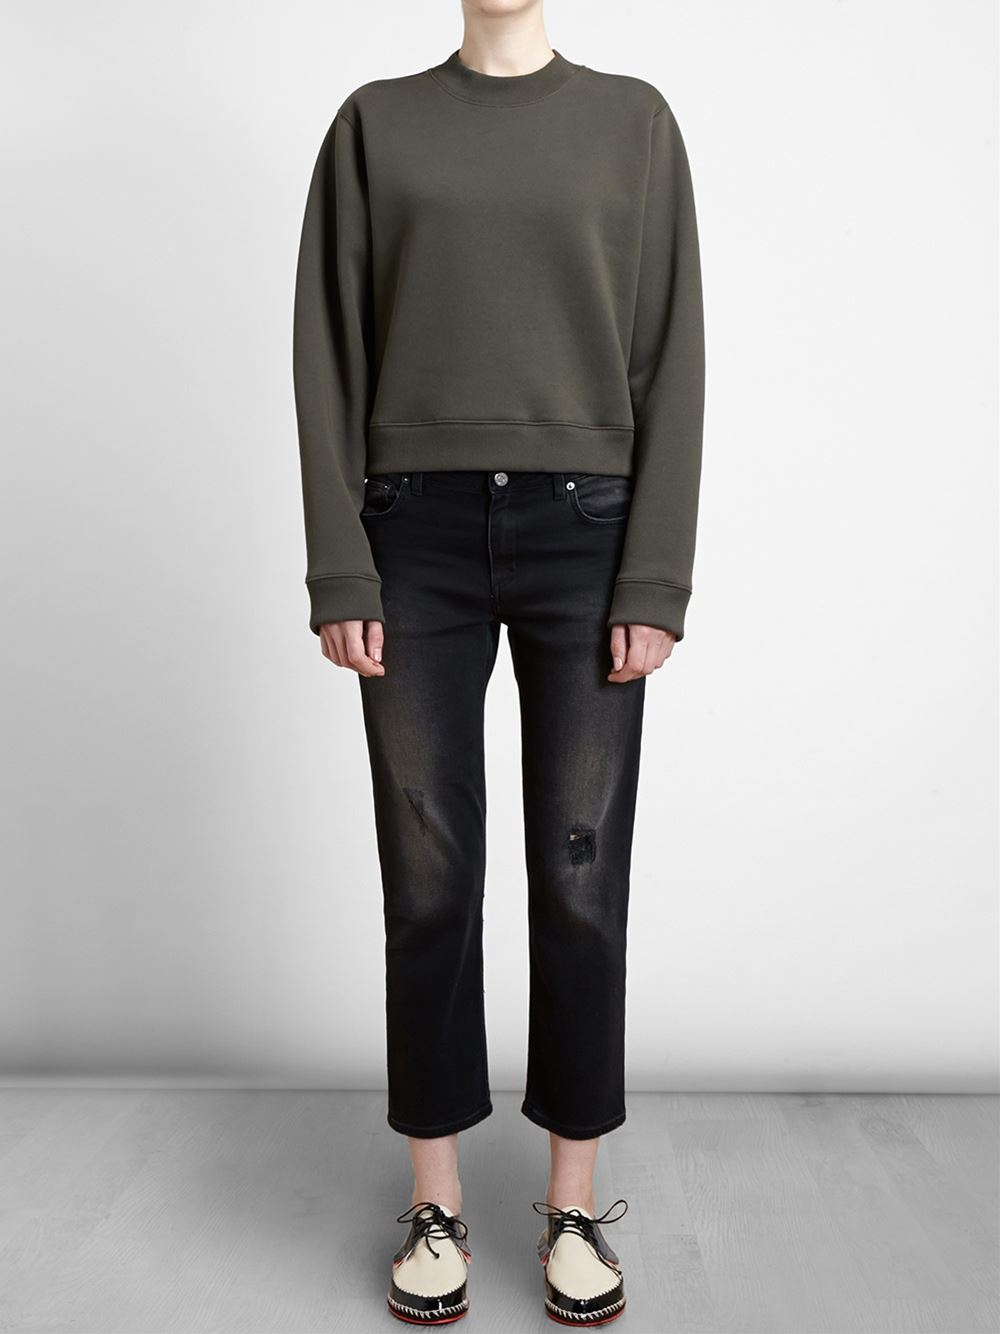 Acne Studios 'Pop' Jeans in Black